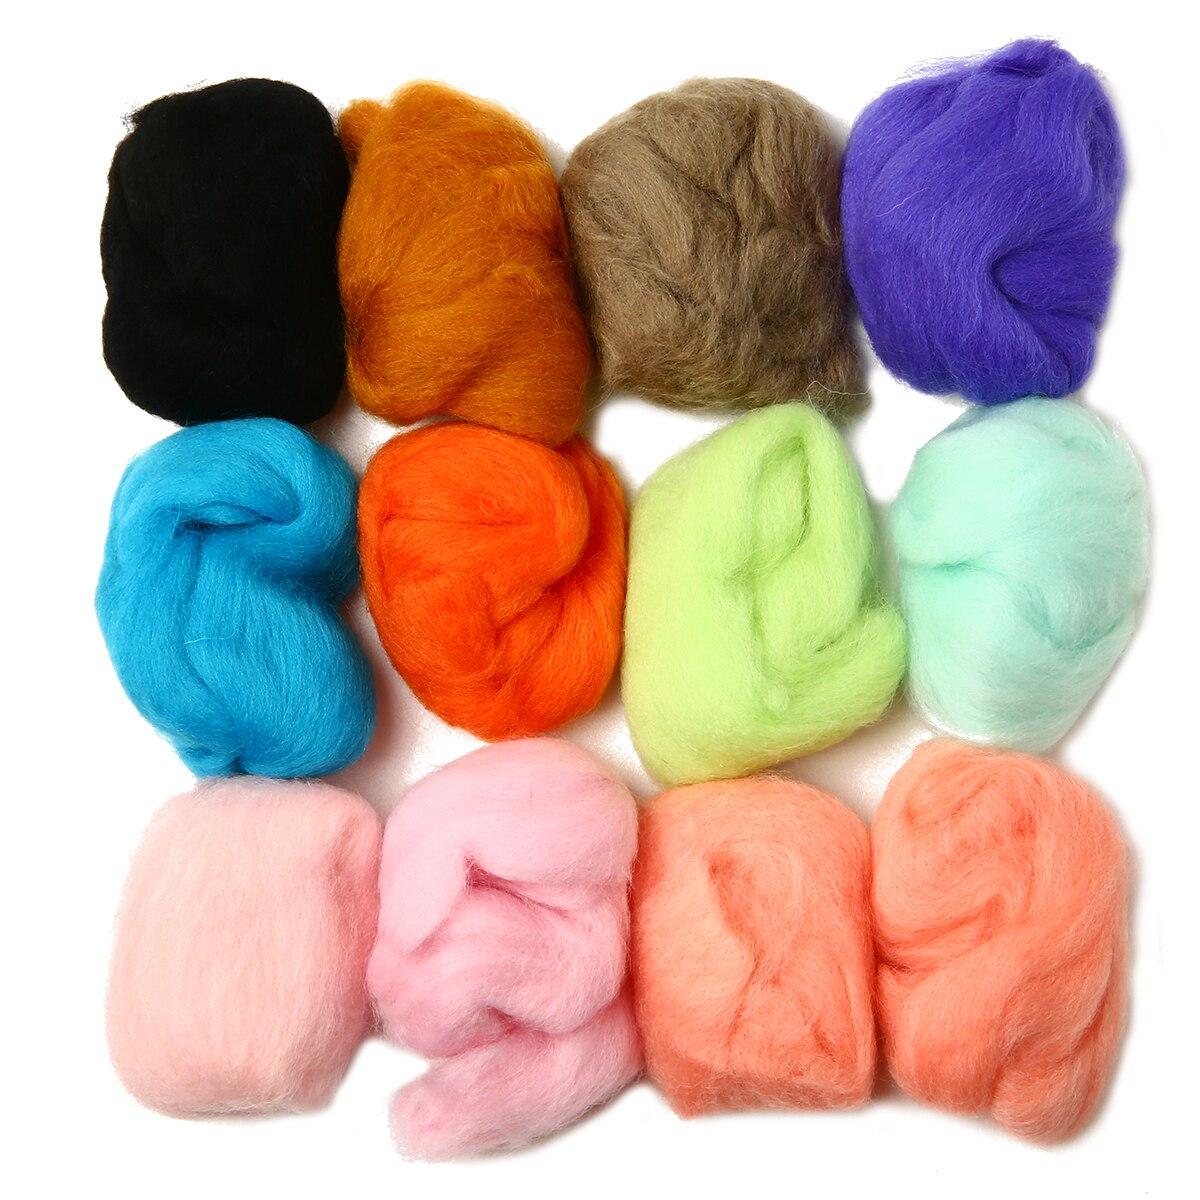 12 шт./лот 12 видов цветов 5 г мягкое шерстяное волокно ровинг для вязания игл сделай сам ручная прядильная швейная кукла рукоделие волокно искусство